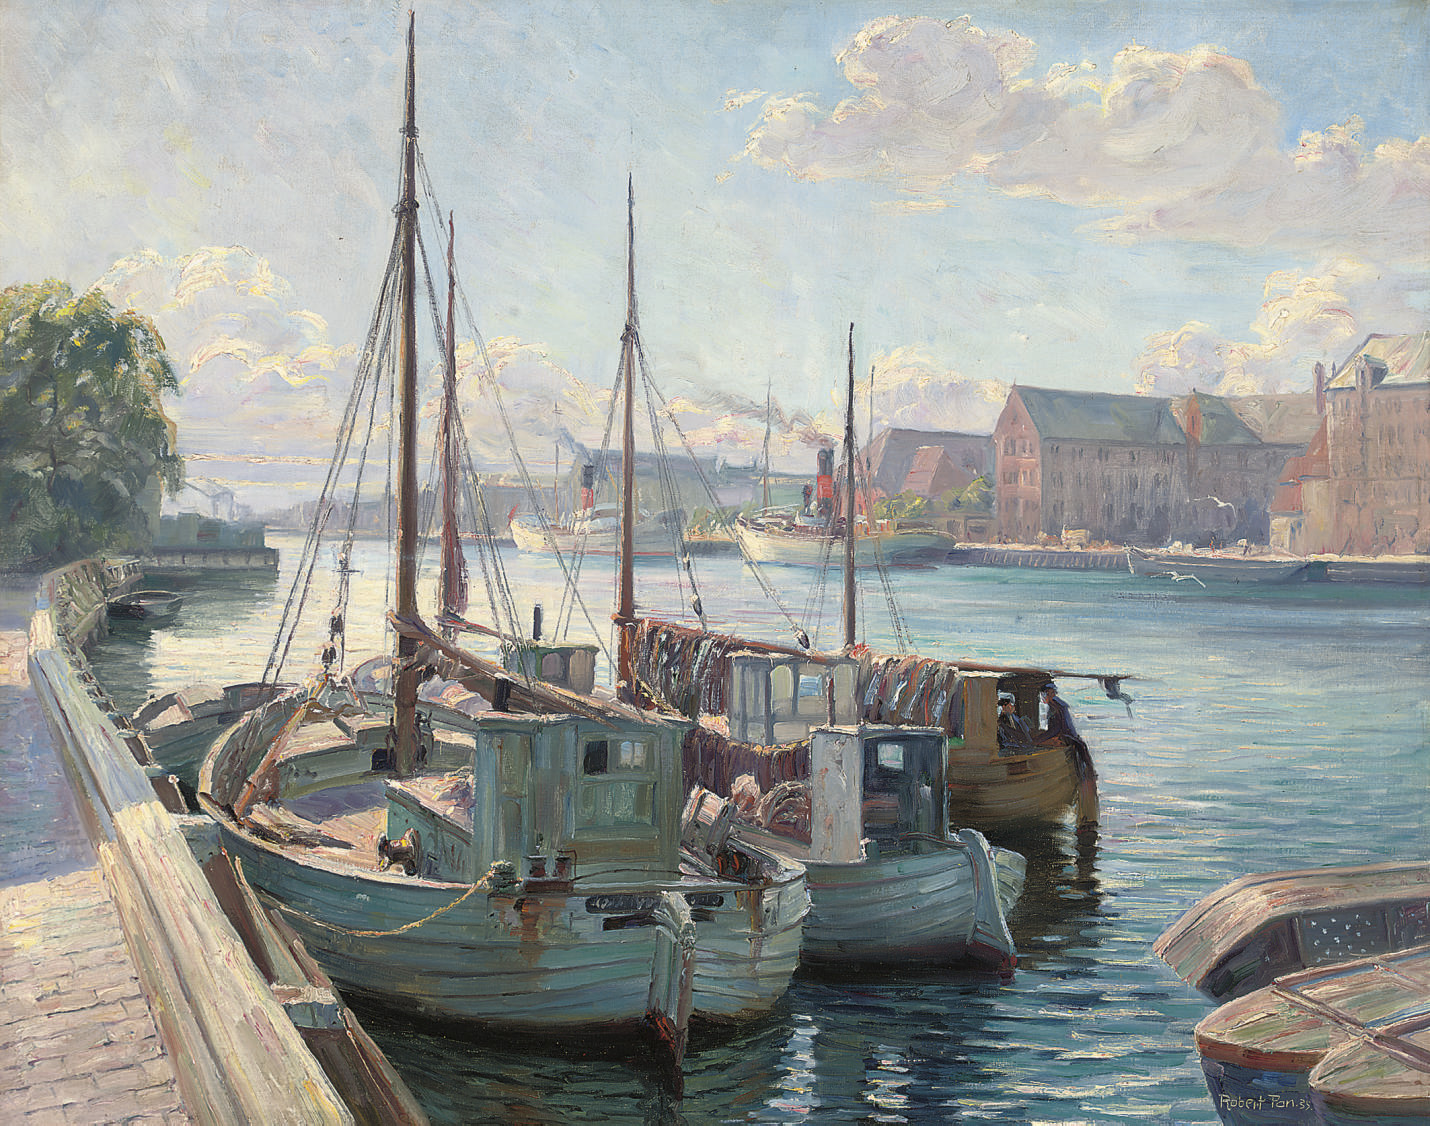 Boats moored at a quay, Copenhagen